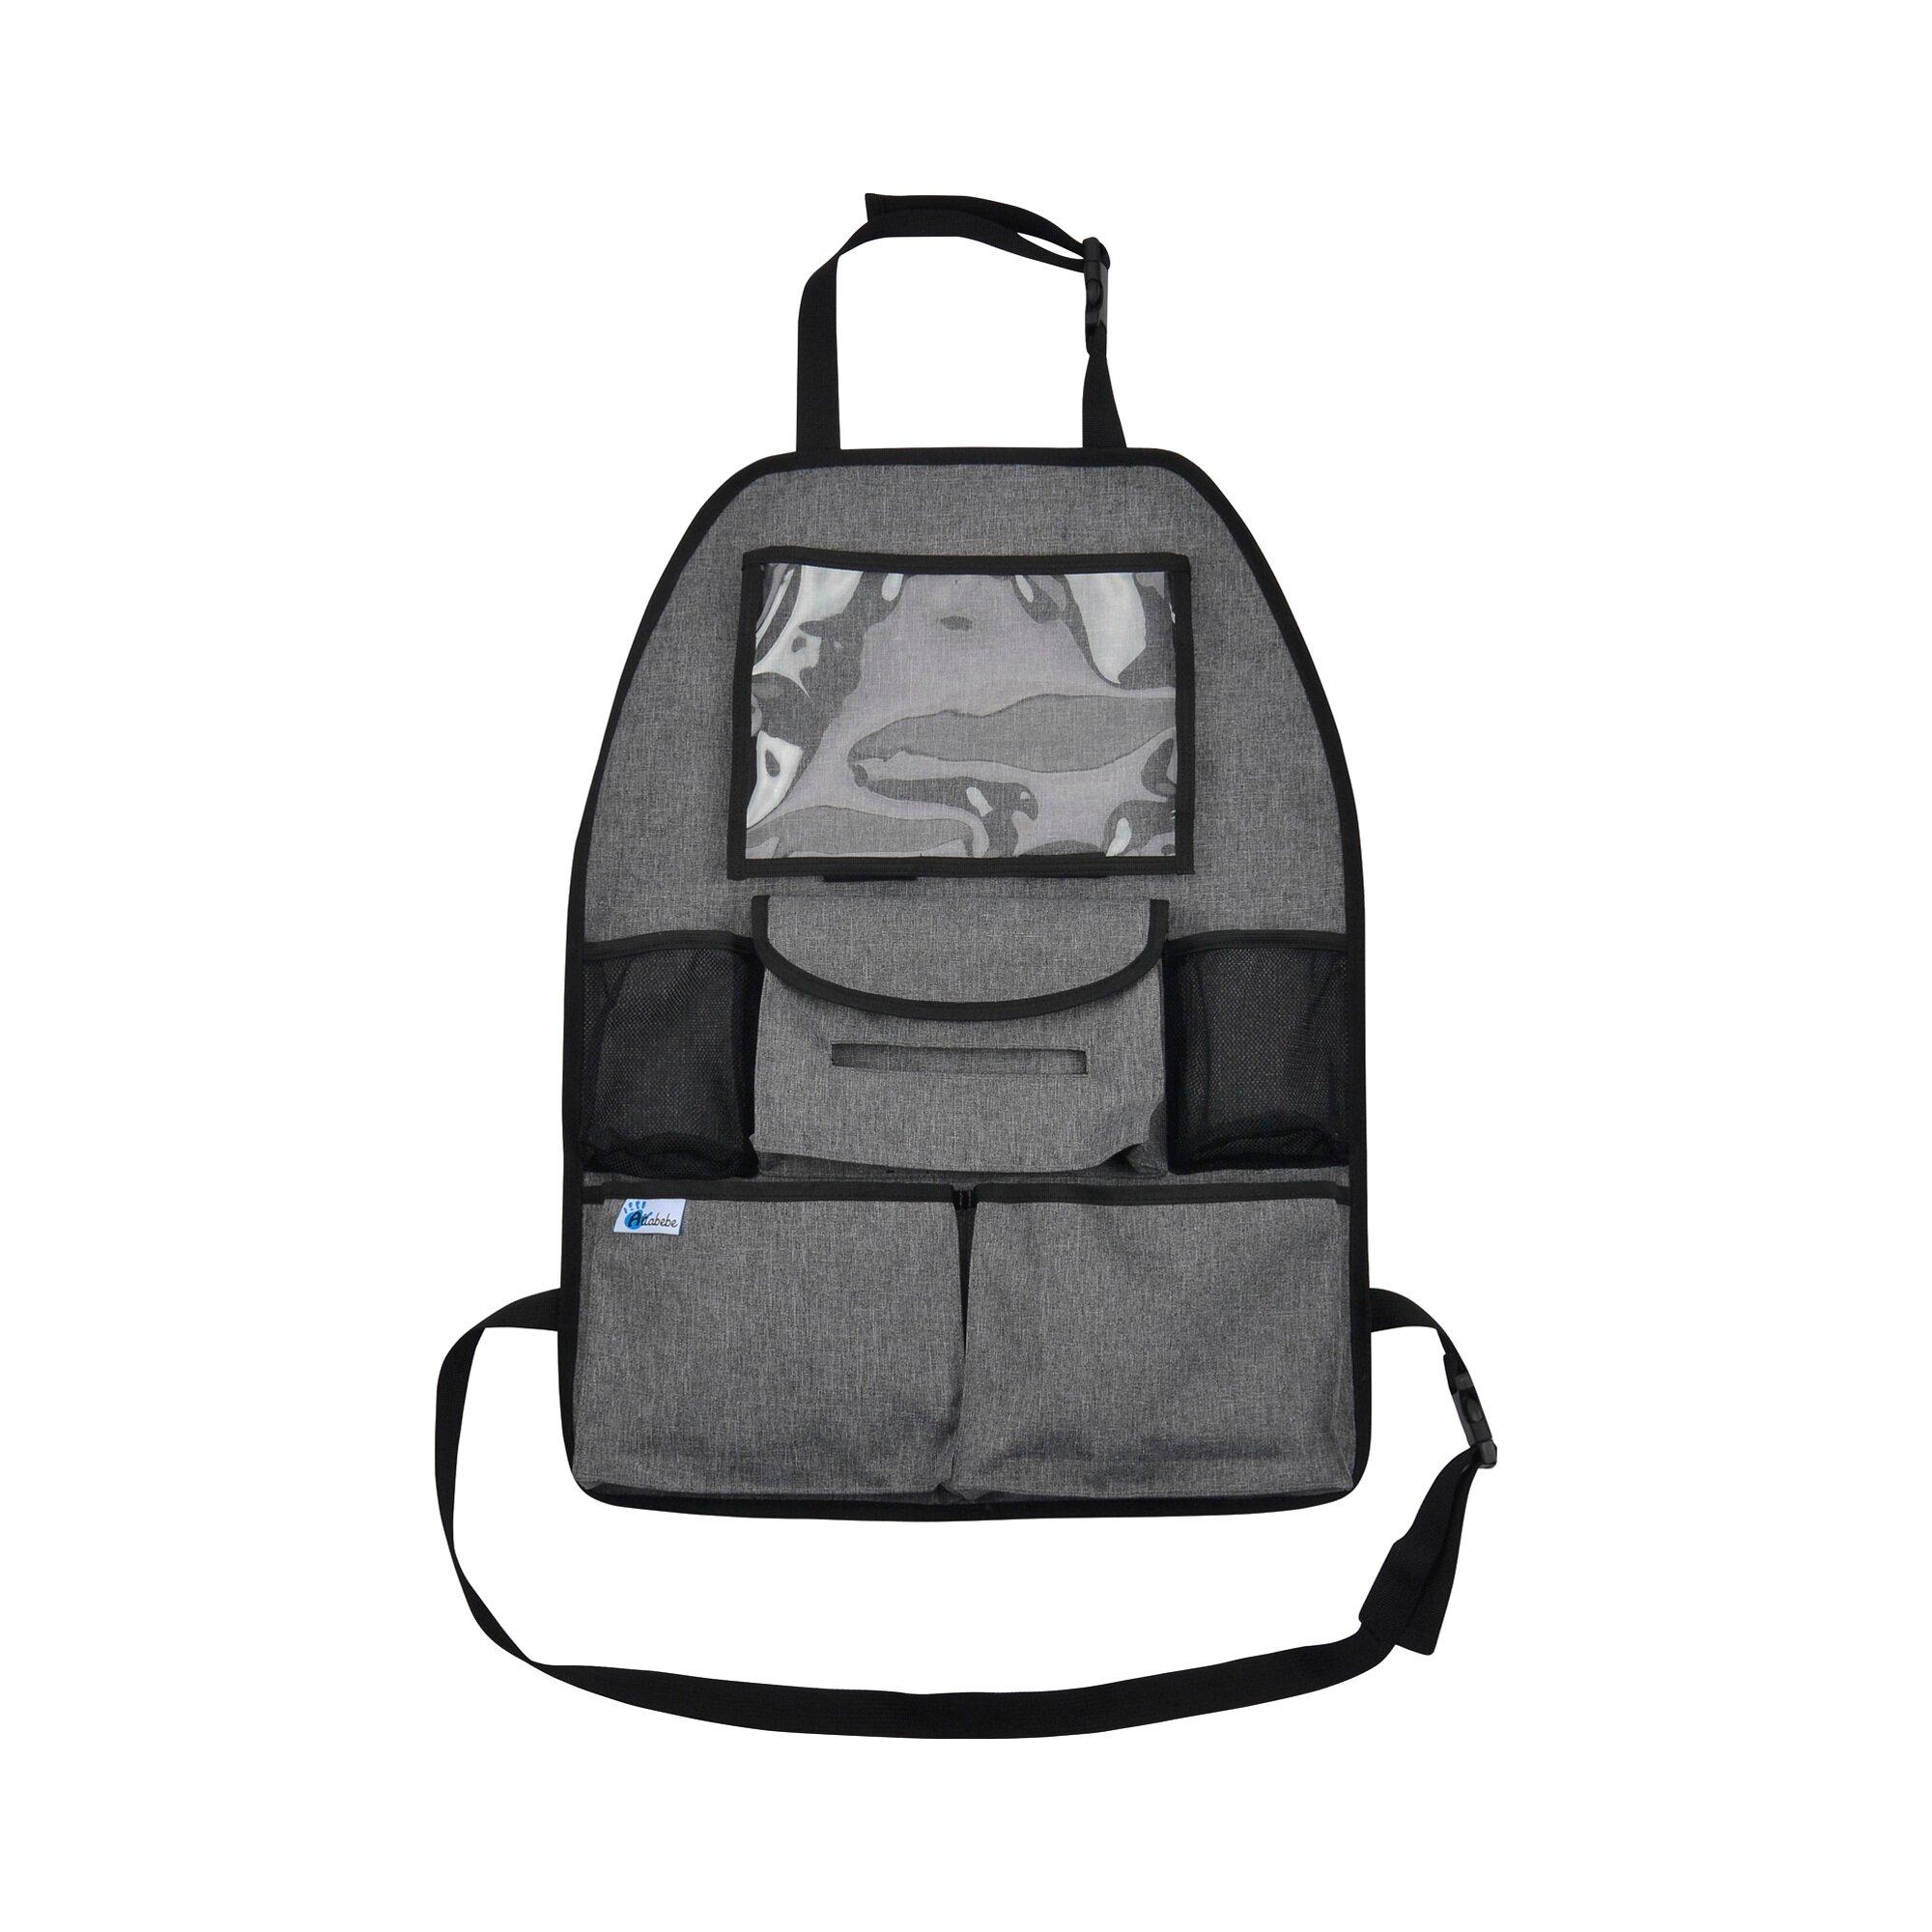 Altabebe Rückenlehnen-, Spielzeugtasche Deluxe mit Tablet-Fach